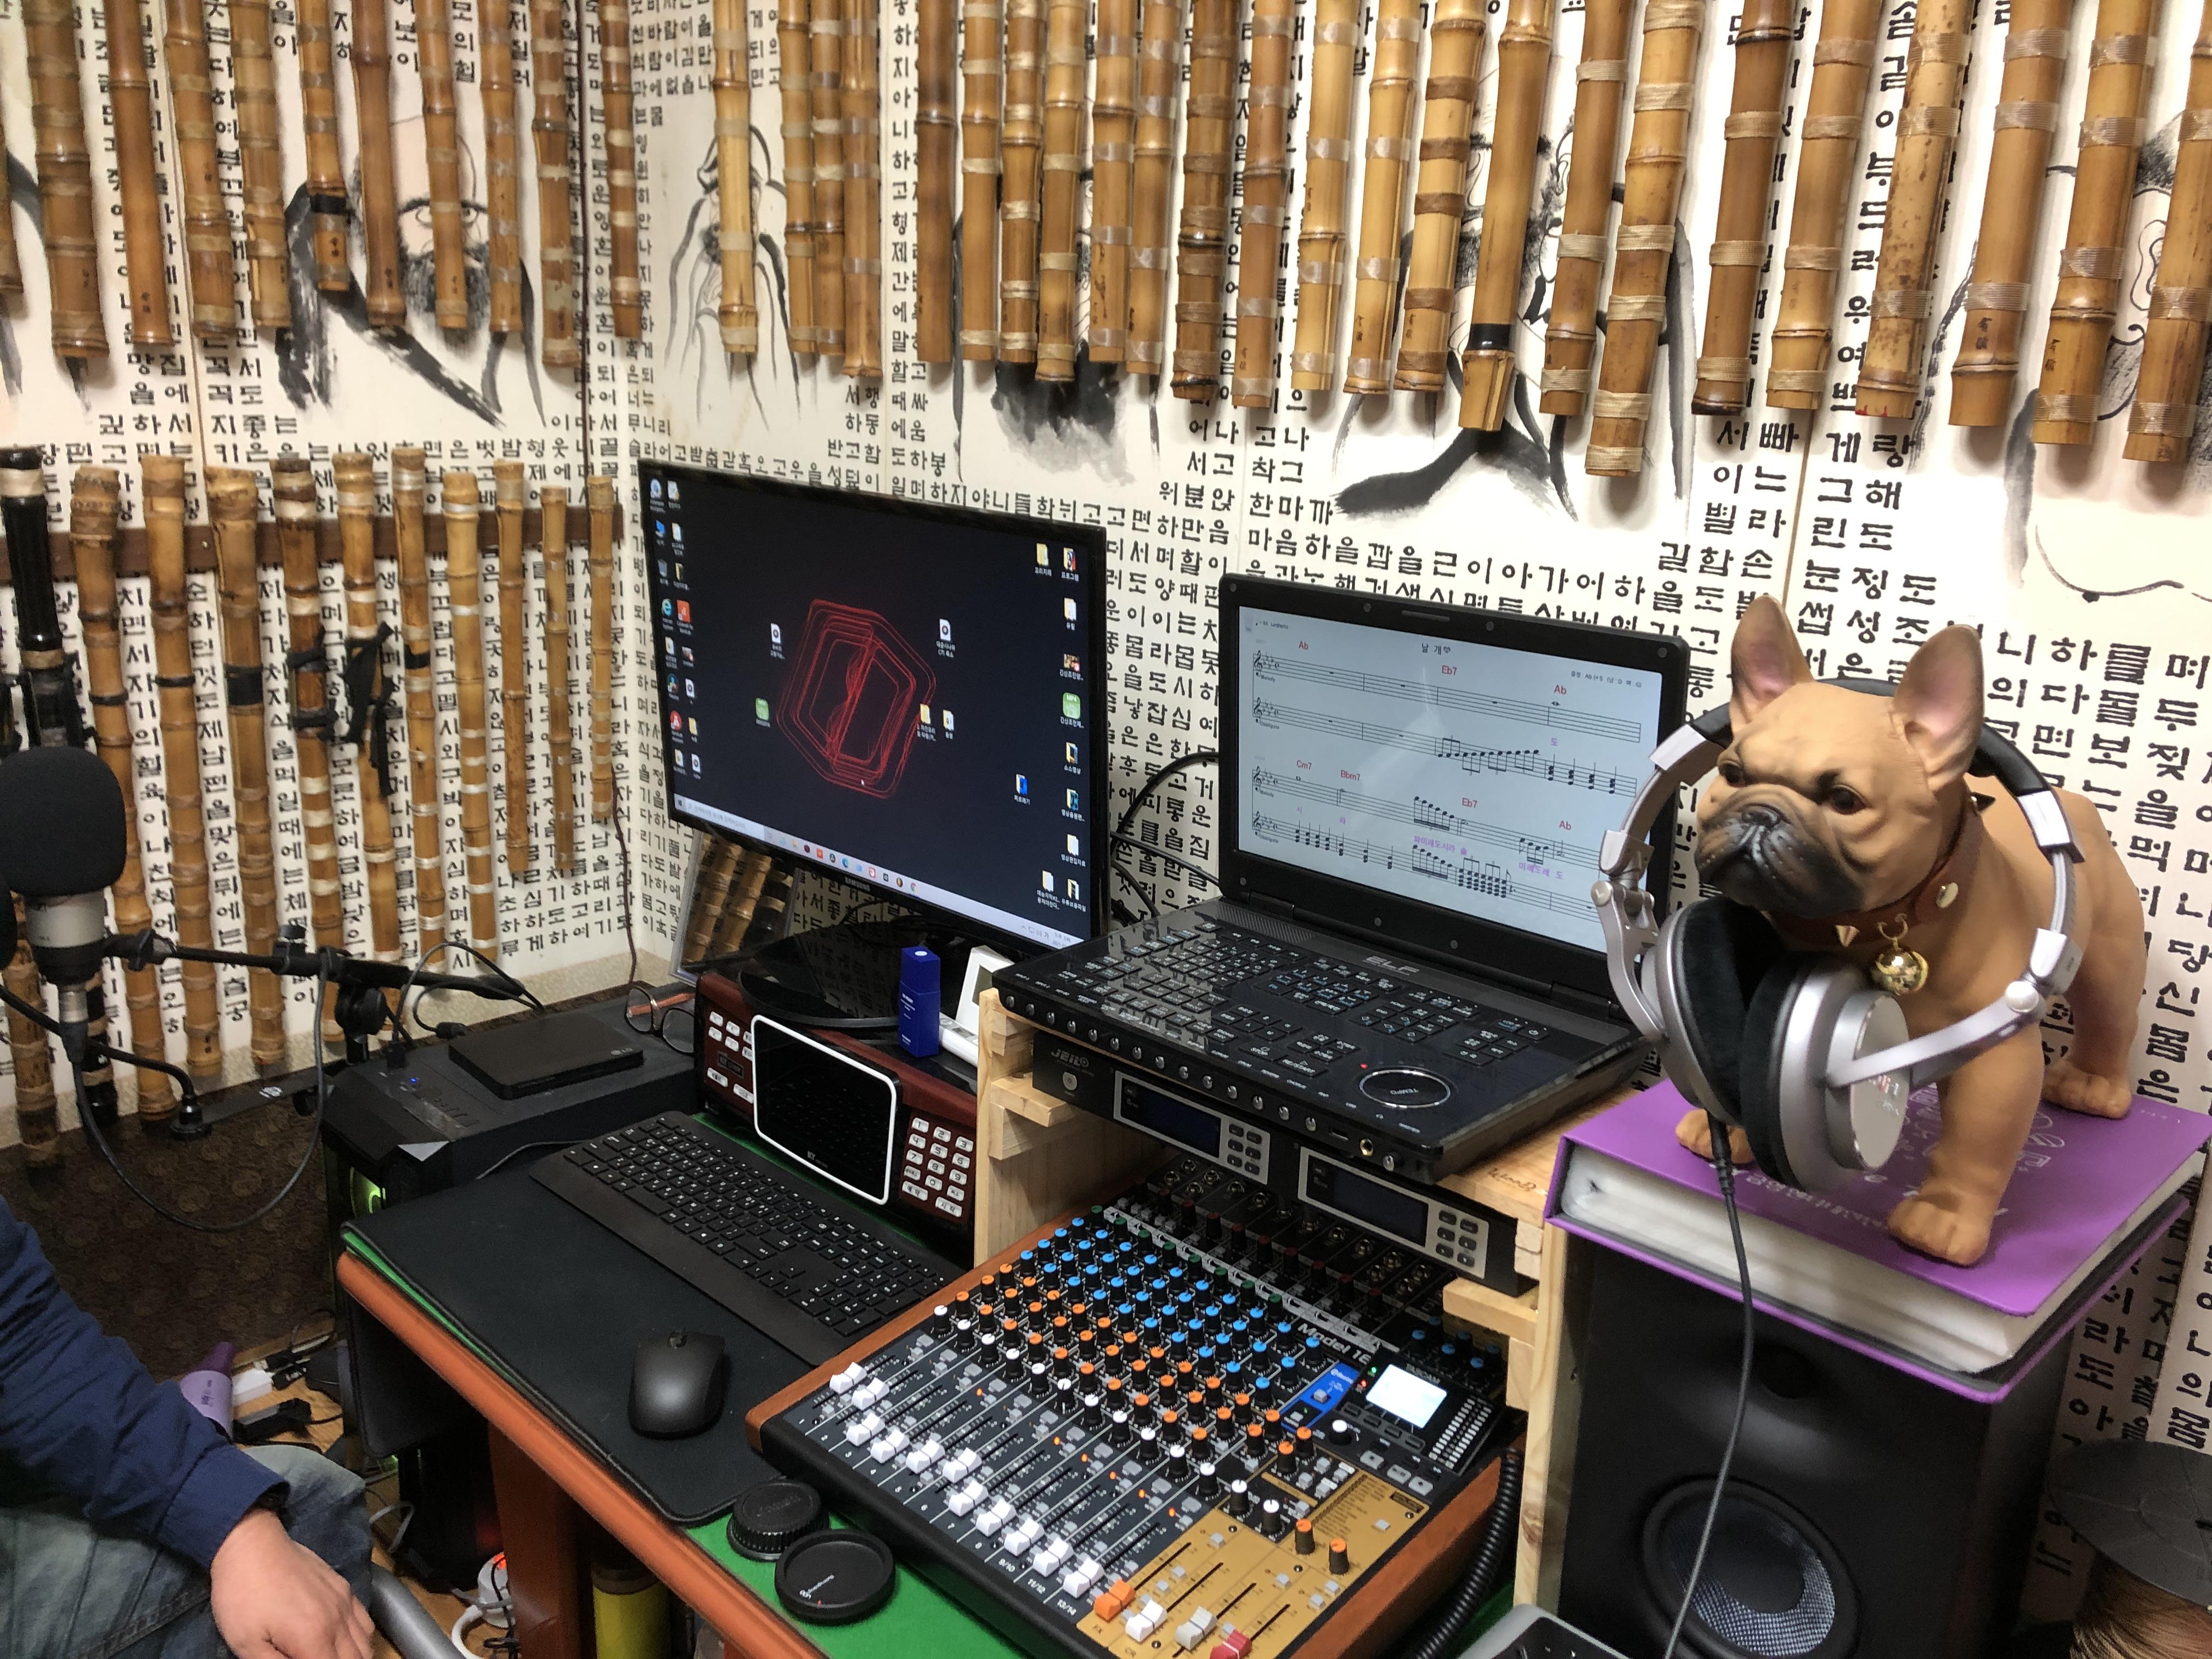 홈 레코딩 장비 셋팅 및 교육